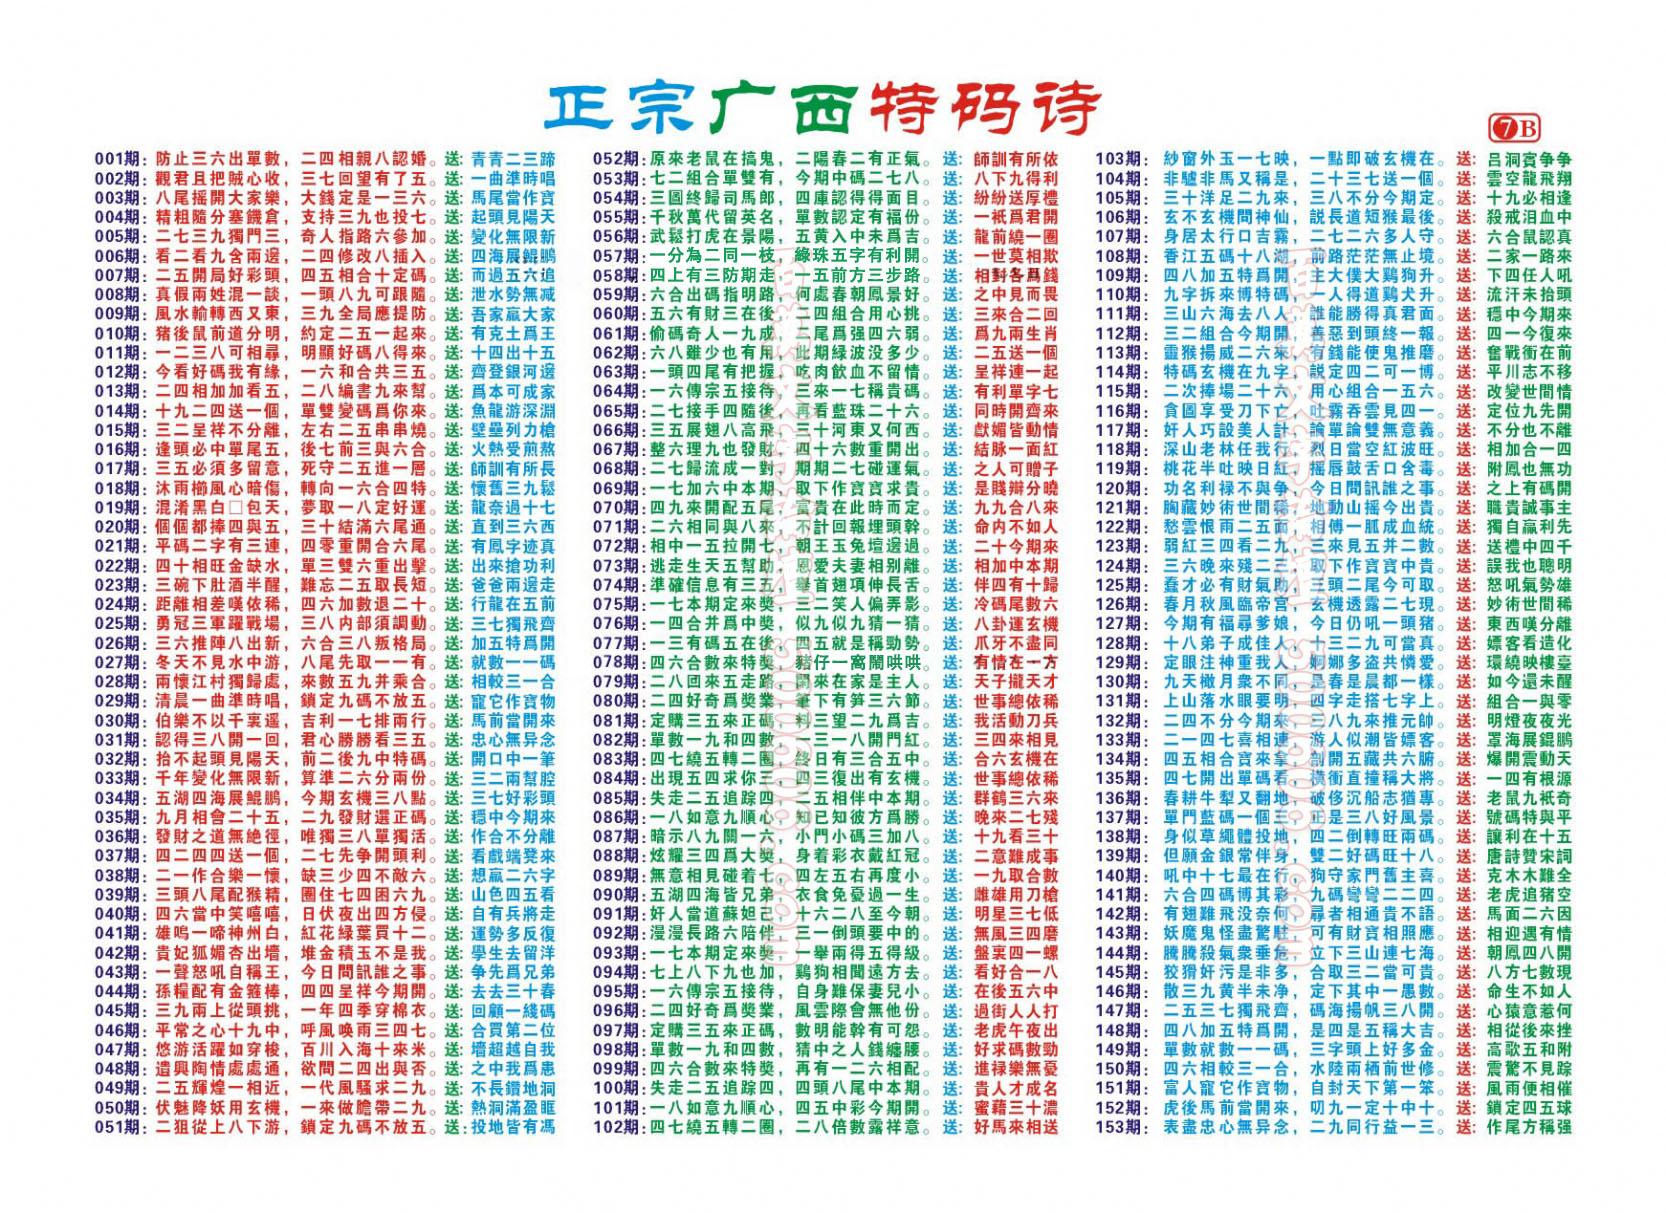 →→→2021年生肖波色表←←←